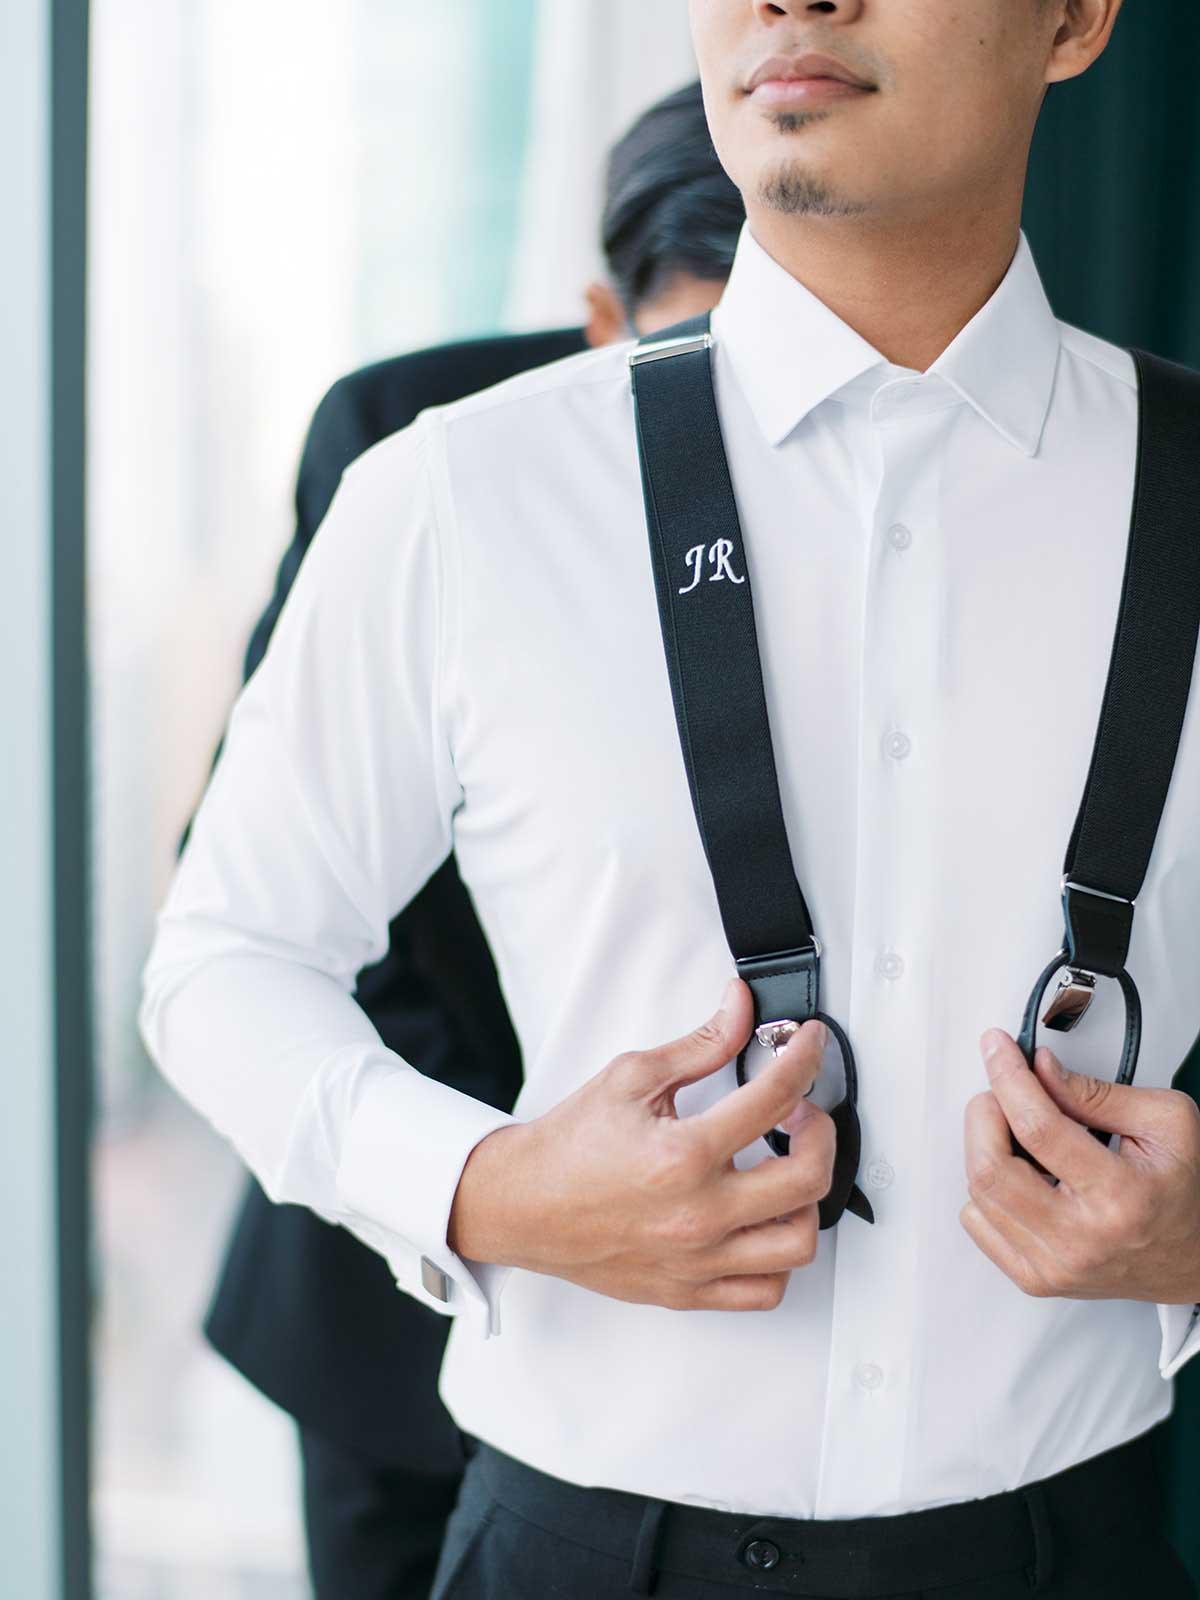 groomsman helping groom fasten his monogrammed suspenders.